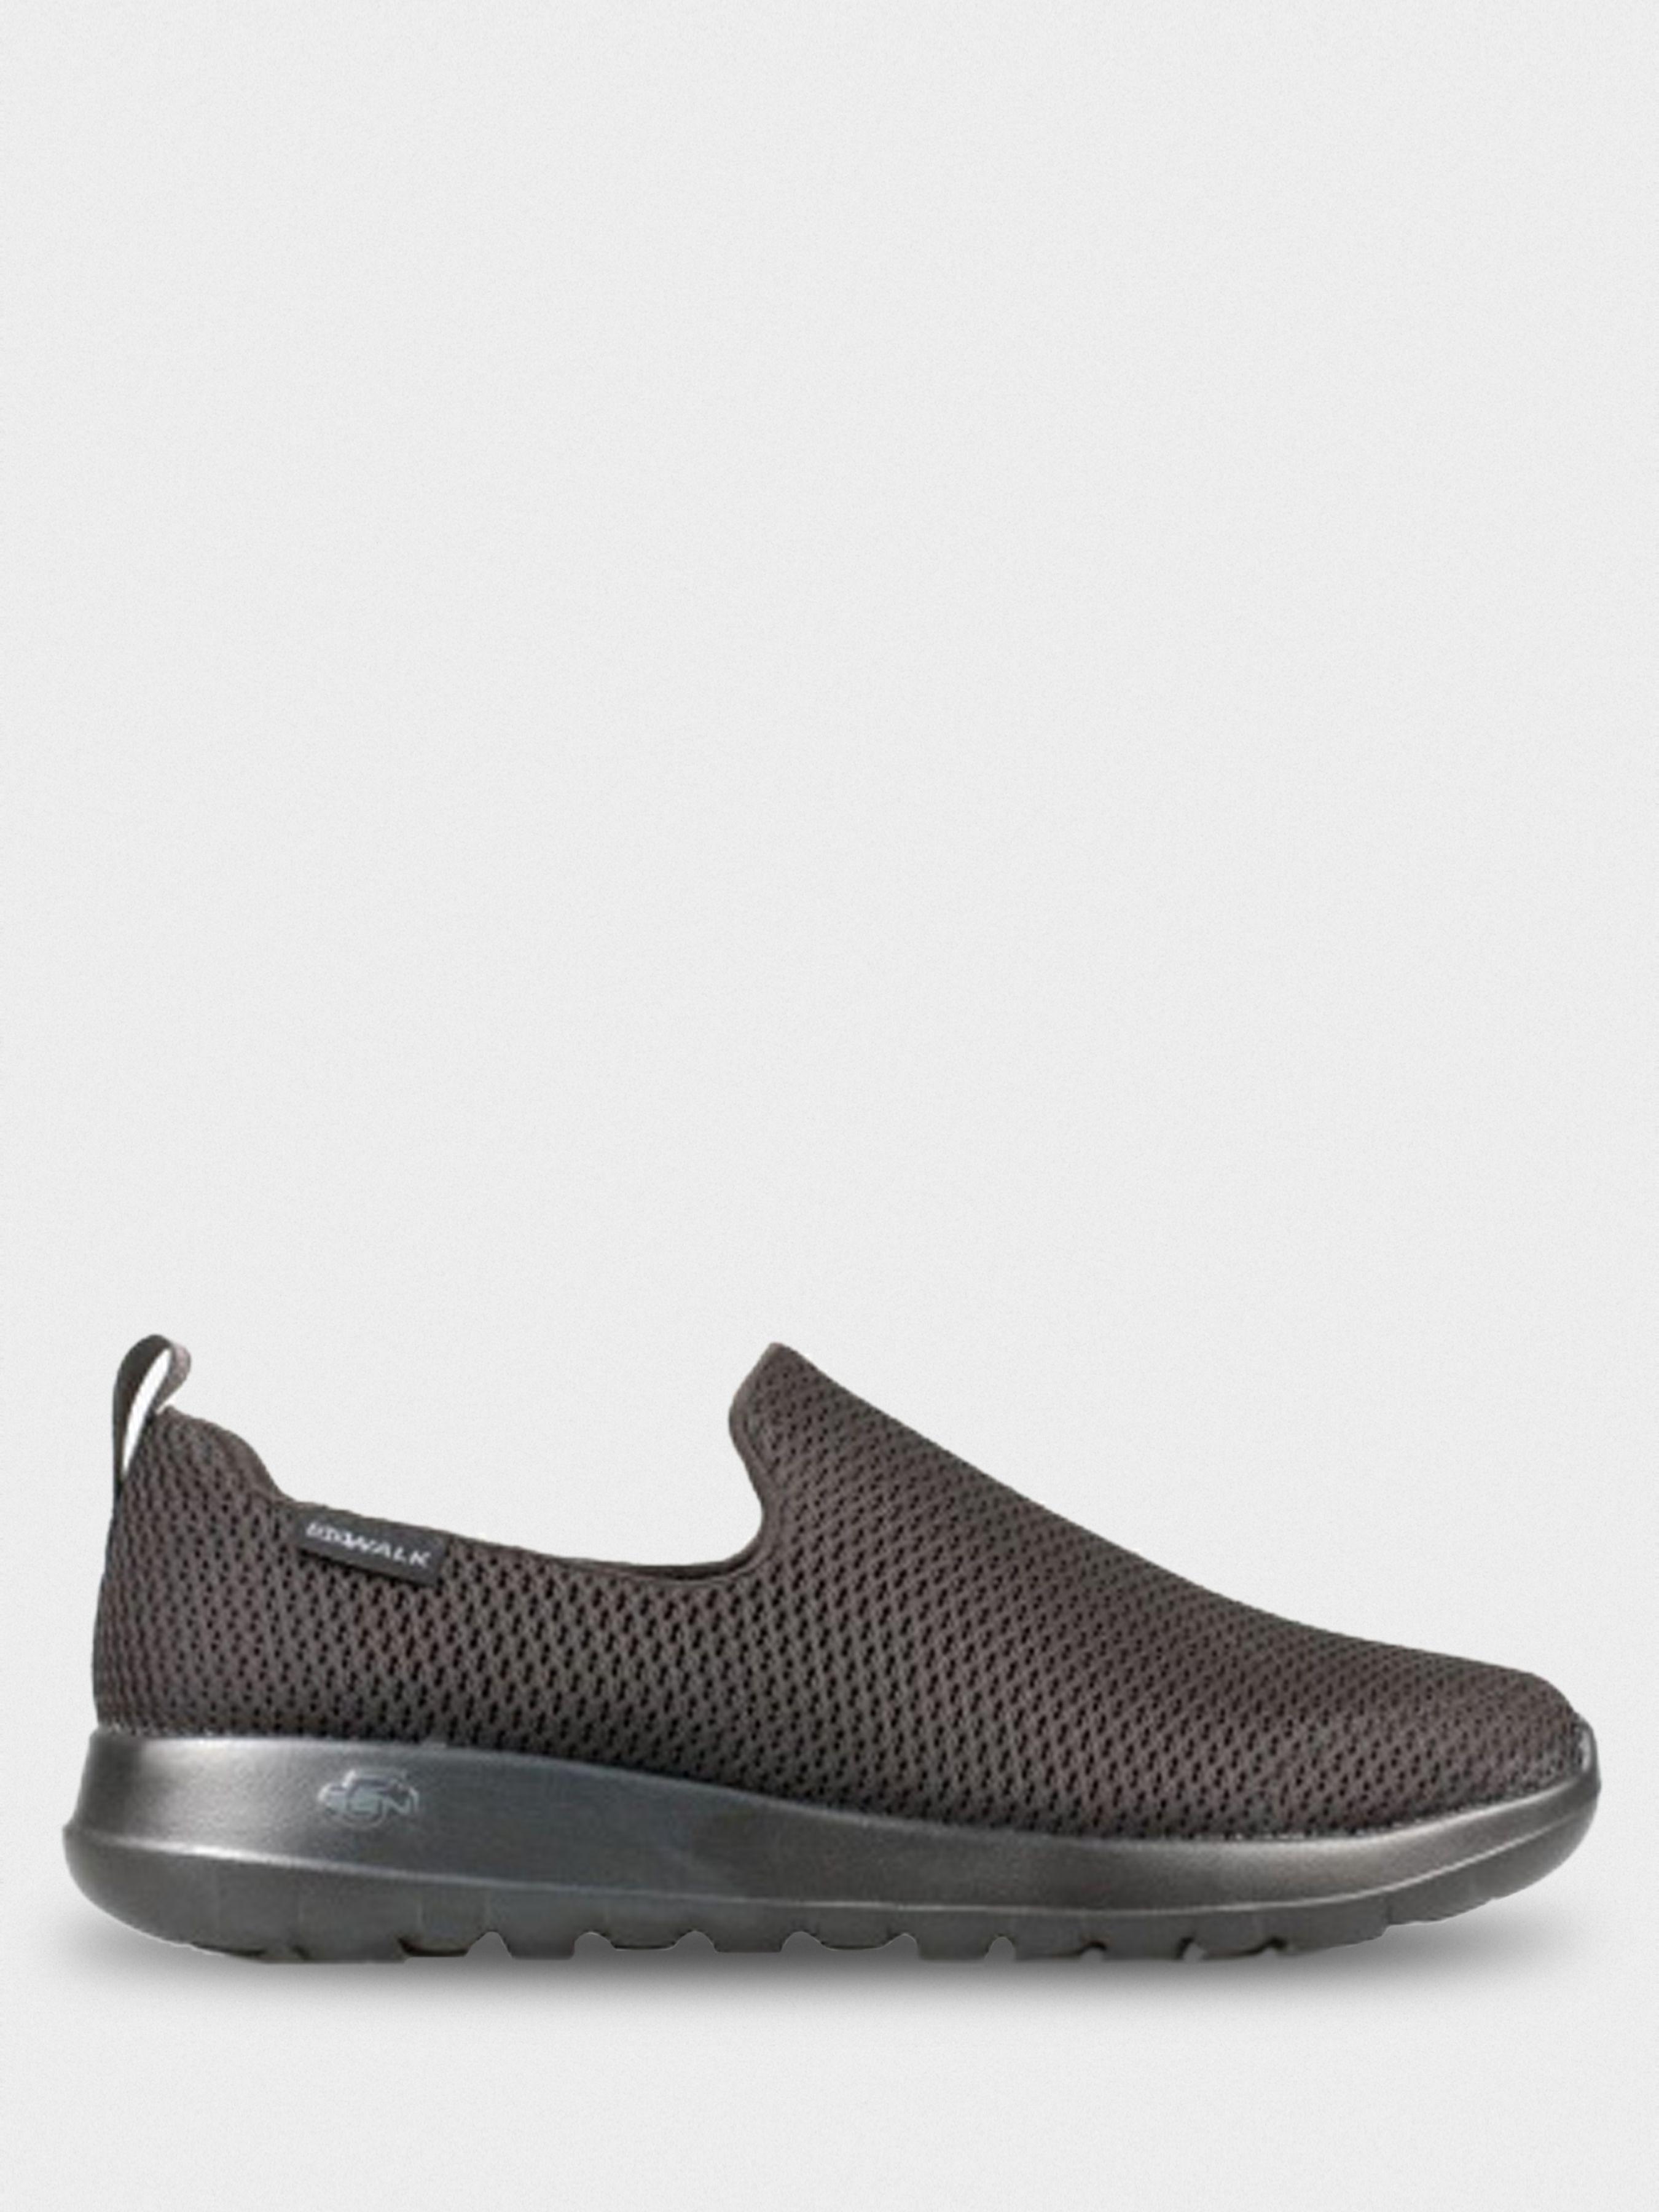 Купить Cлипоны мужские Skechers KM2781, Черный